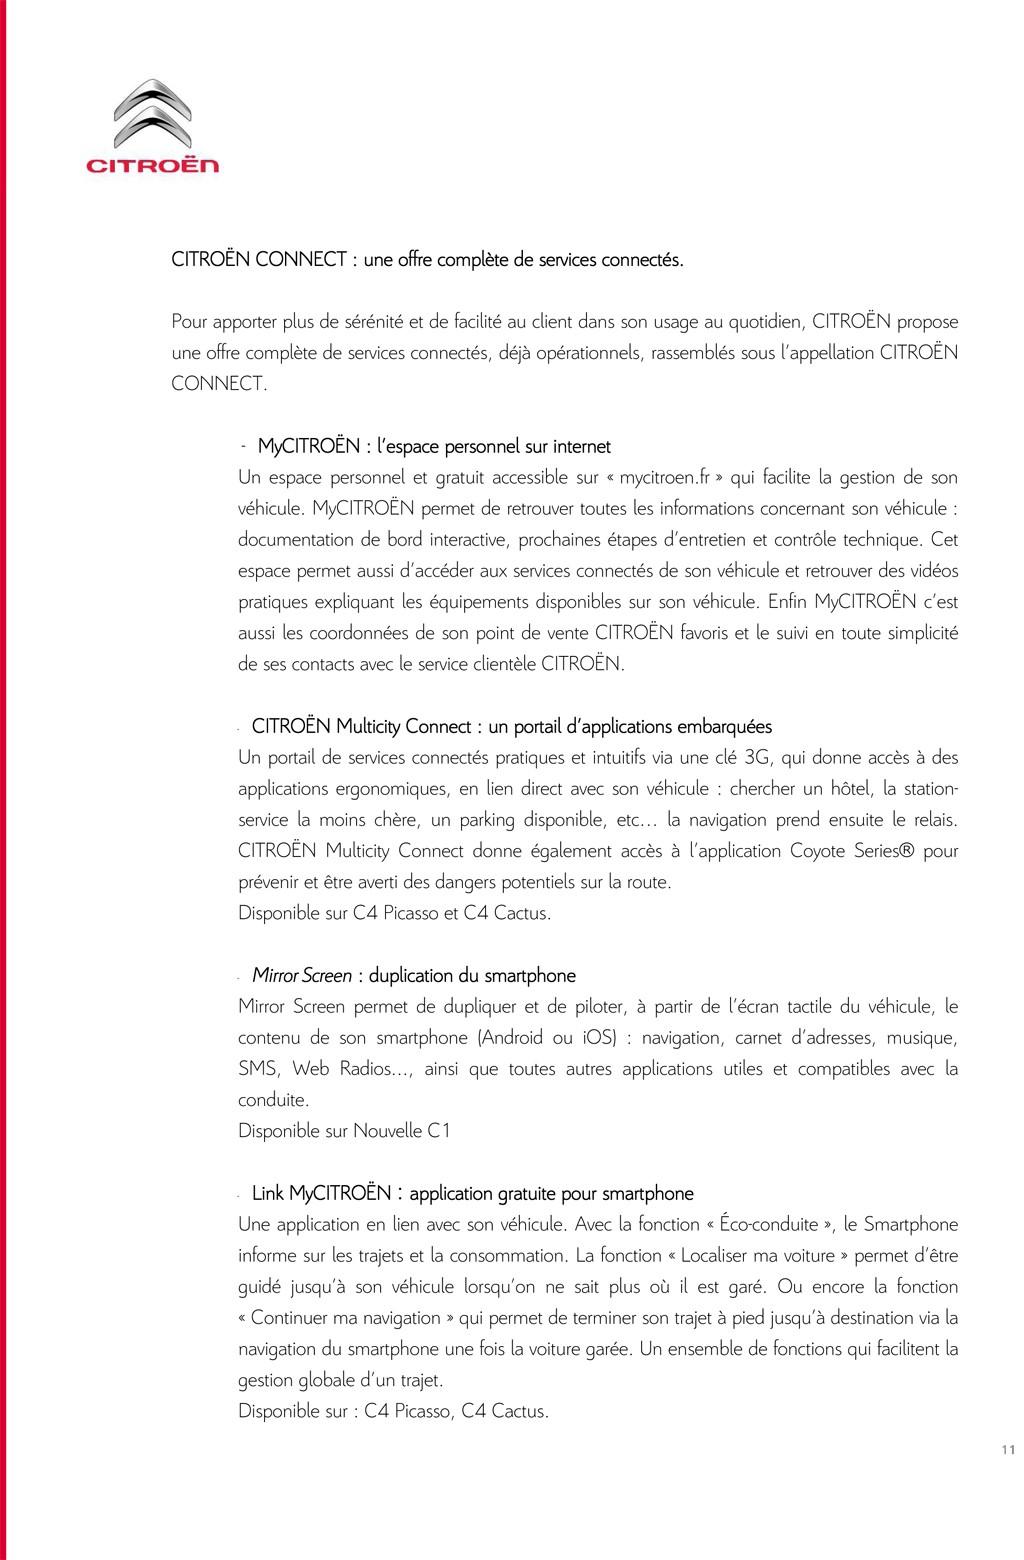 [SALON] Paris - Mondial de l'Automobile 2014 - Page 6 Dp_cit20